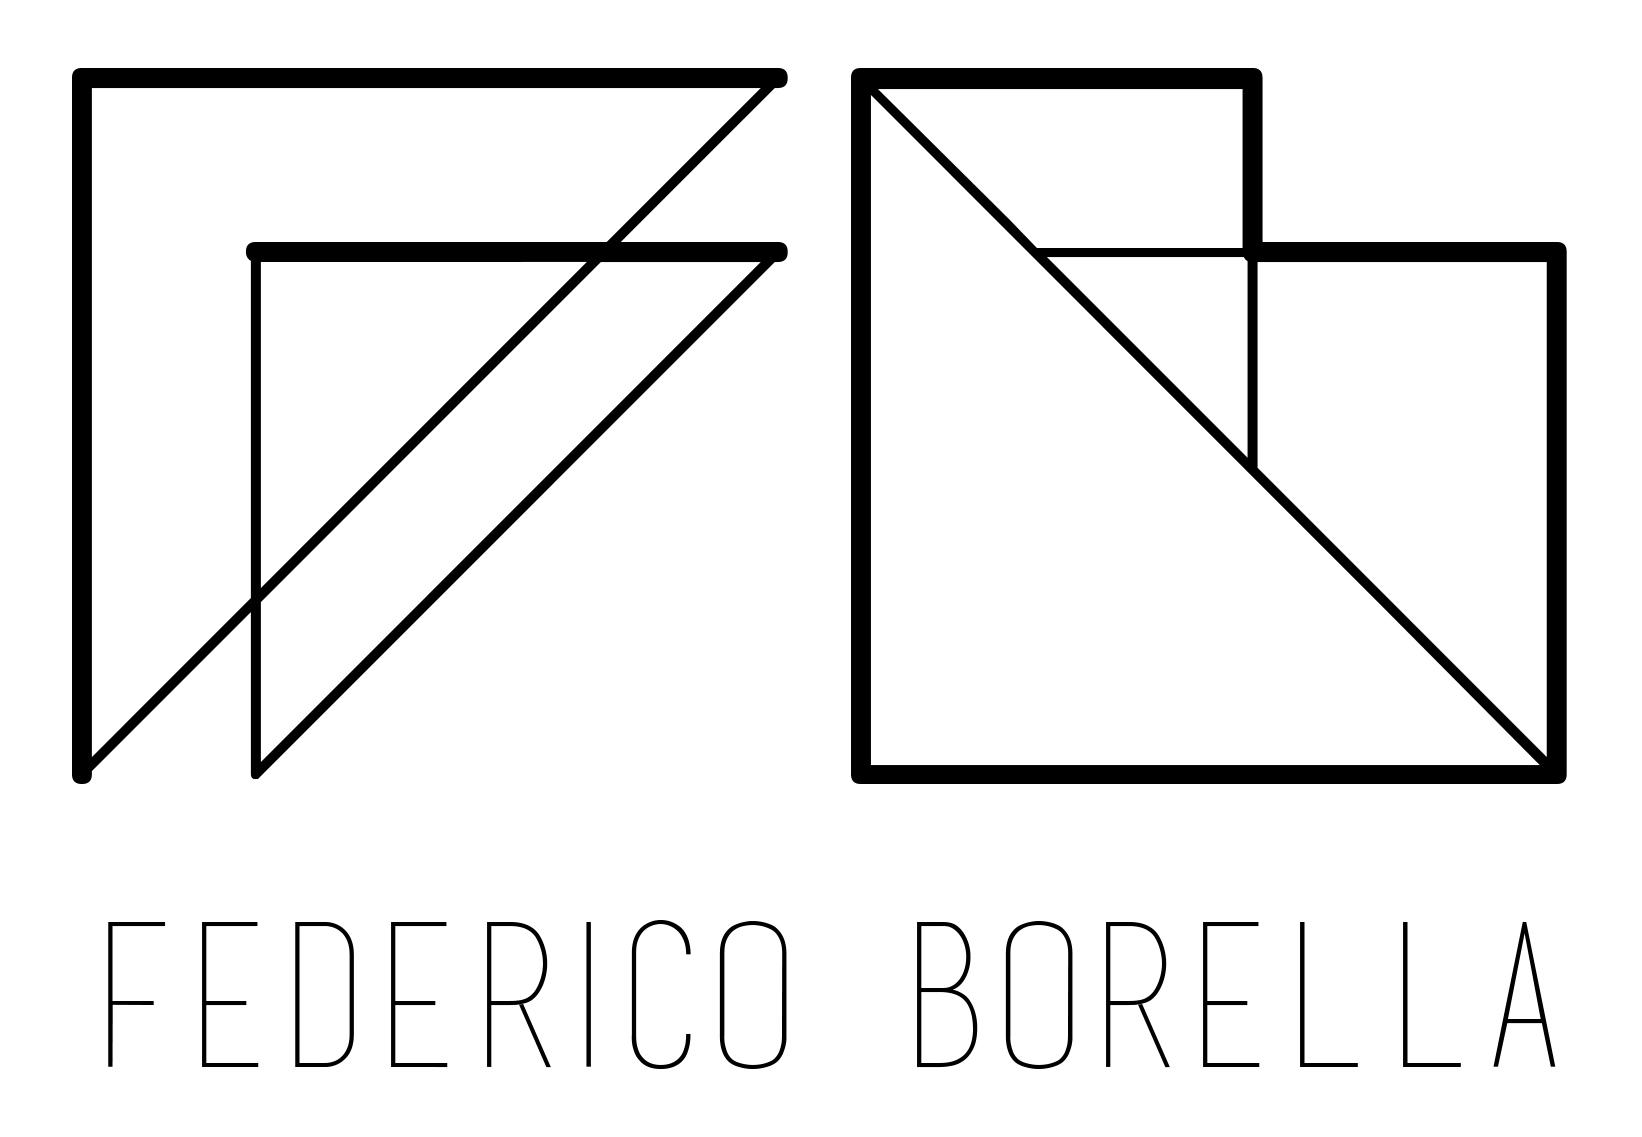 Federico Borella